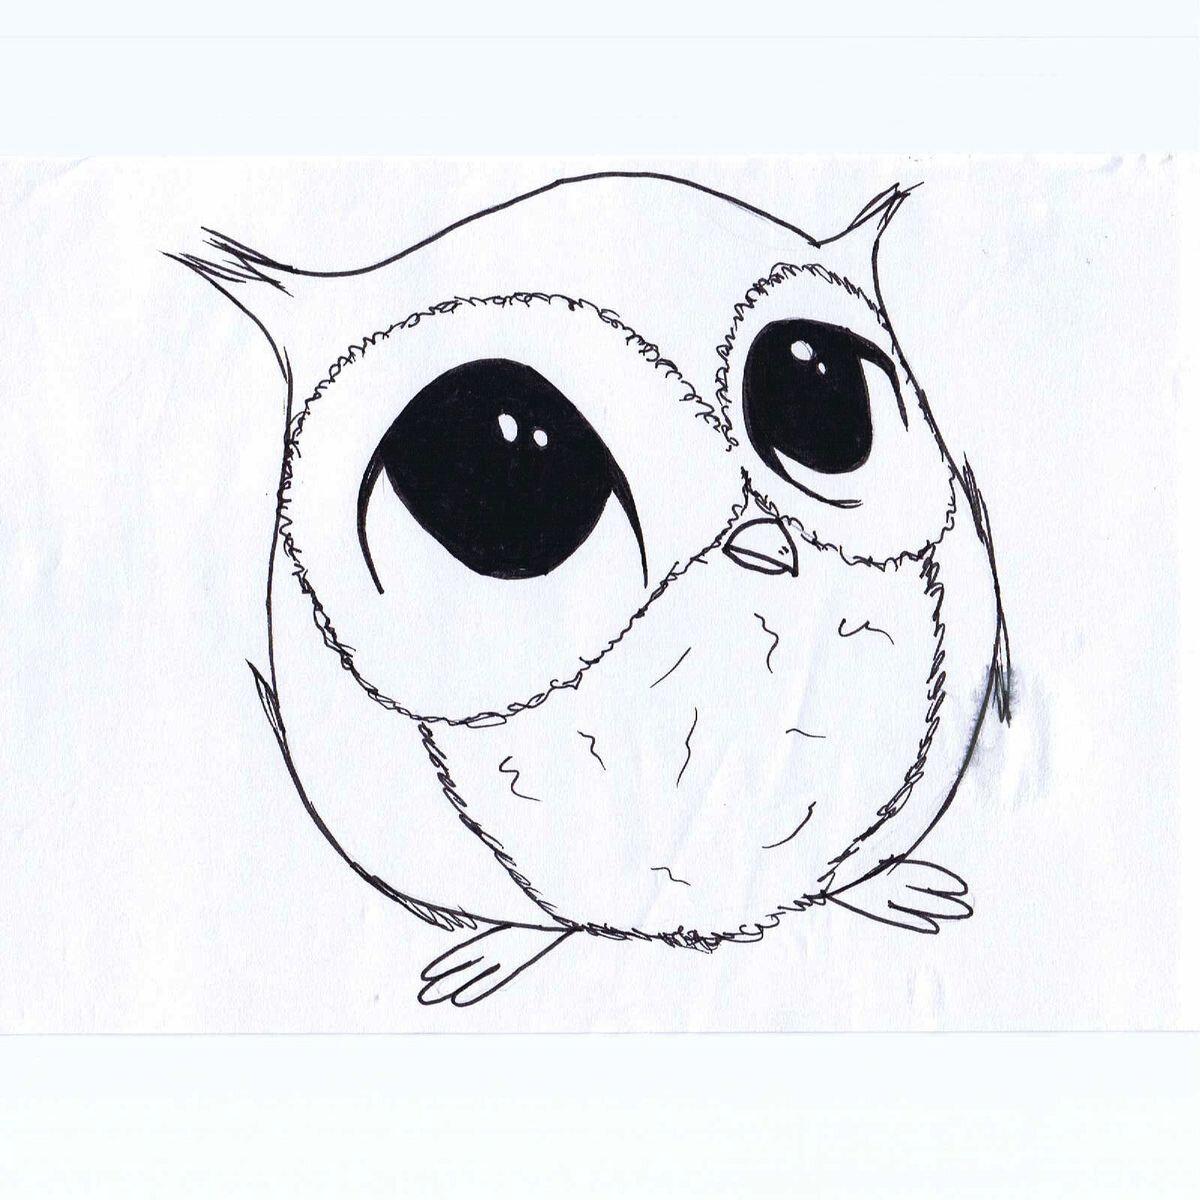 Картинки с милыми животными для срисовки карандашом, открытки цитатами